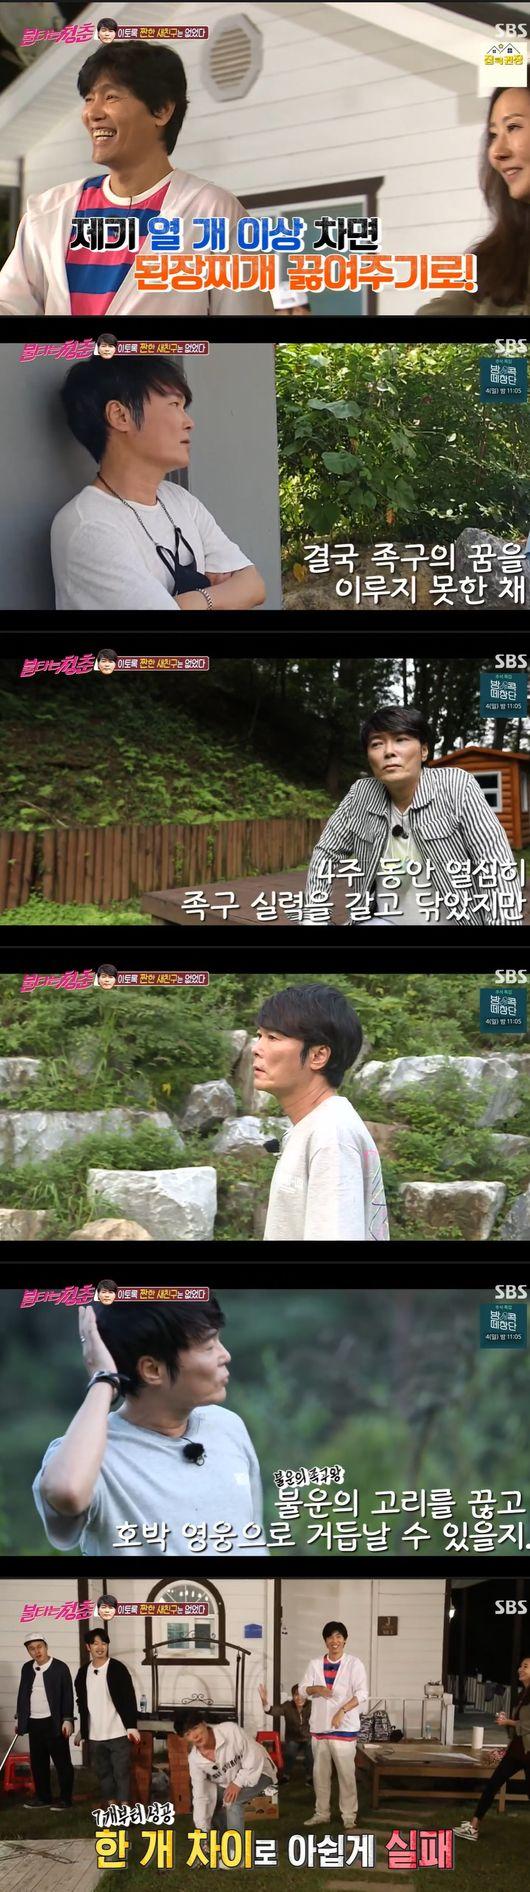 사기 무혐의 김성면, 불타는청춘 당당히 등장‥불운씻고 행운의 사나이로 [어저께TV]